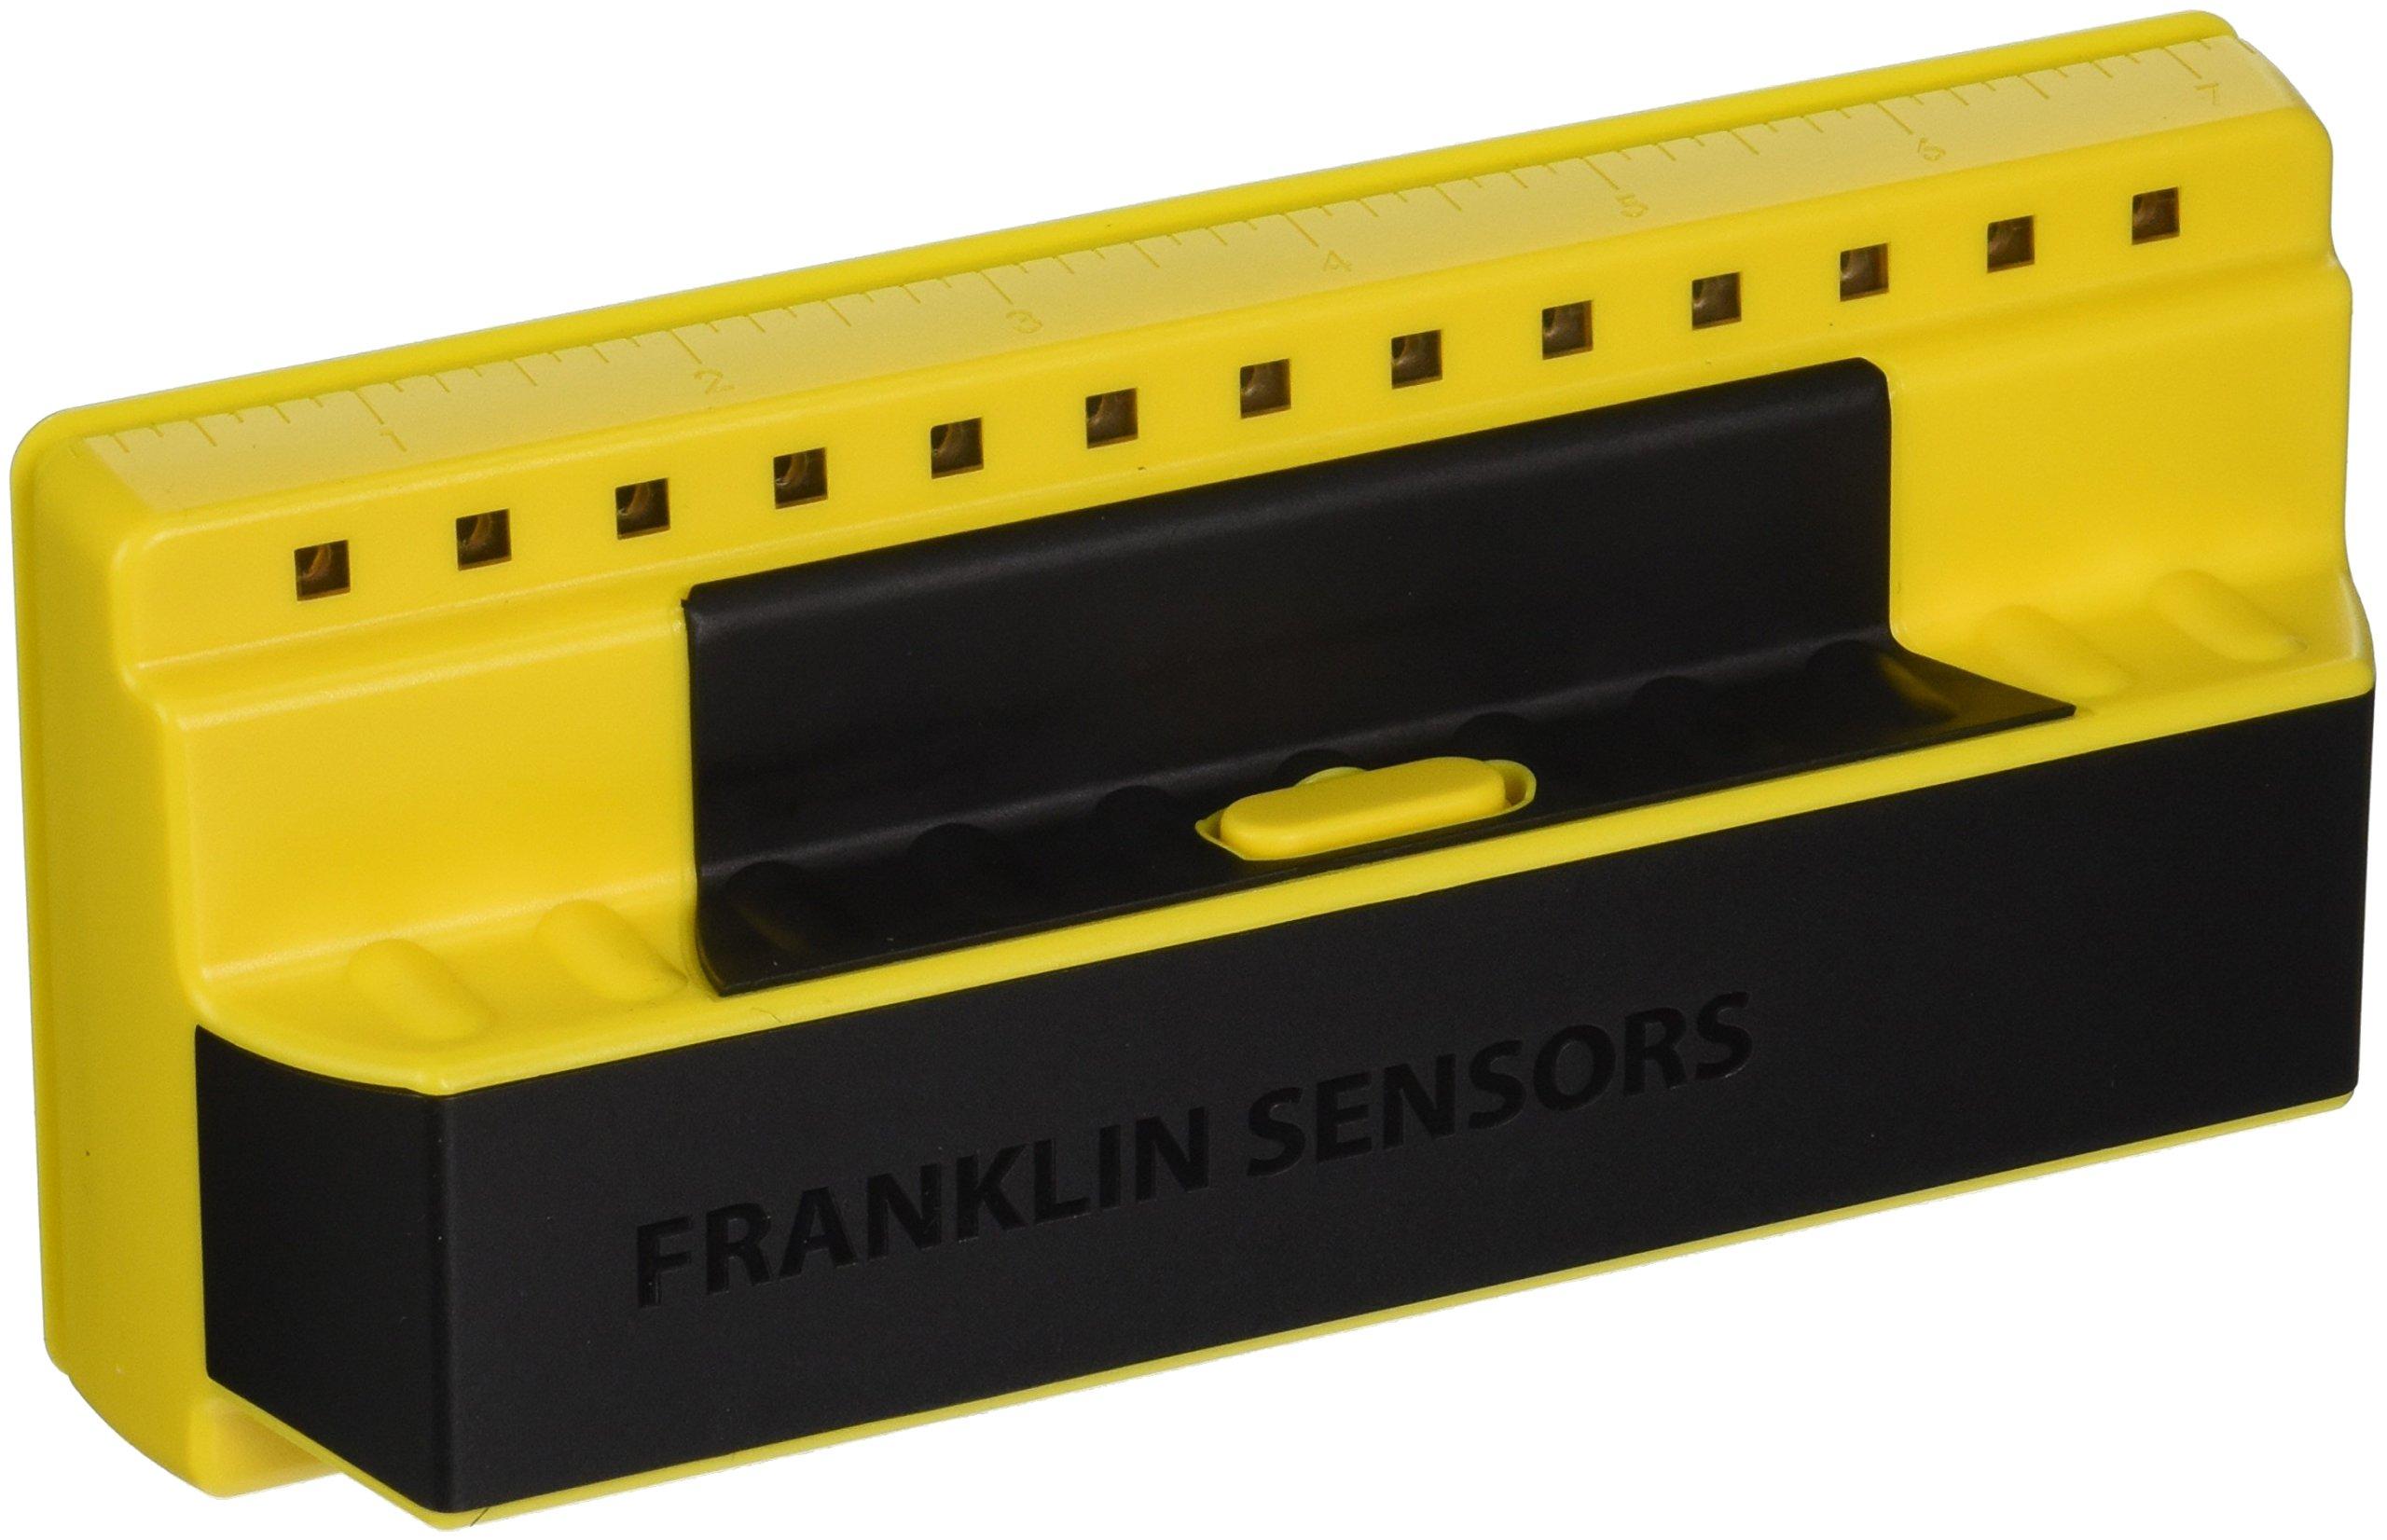 ProSensor 710 Franklin Sensors ProSensor 710 Precision Stud Finder Yellow by Prosensor